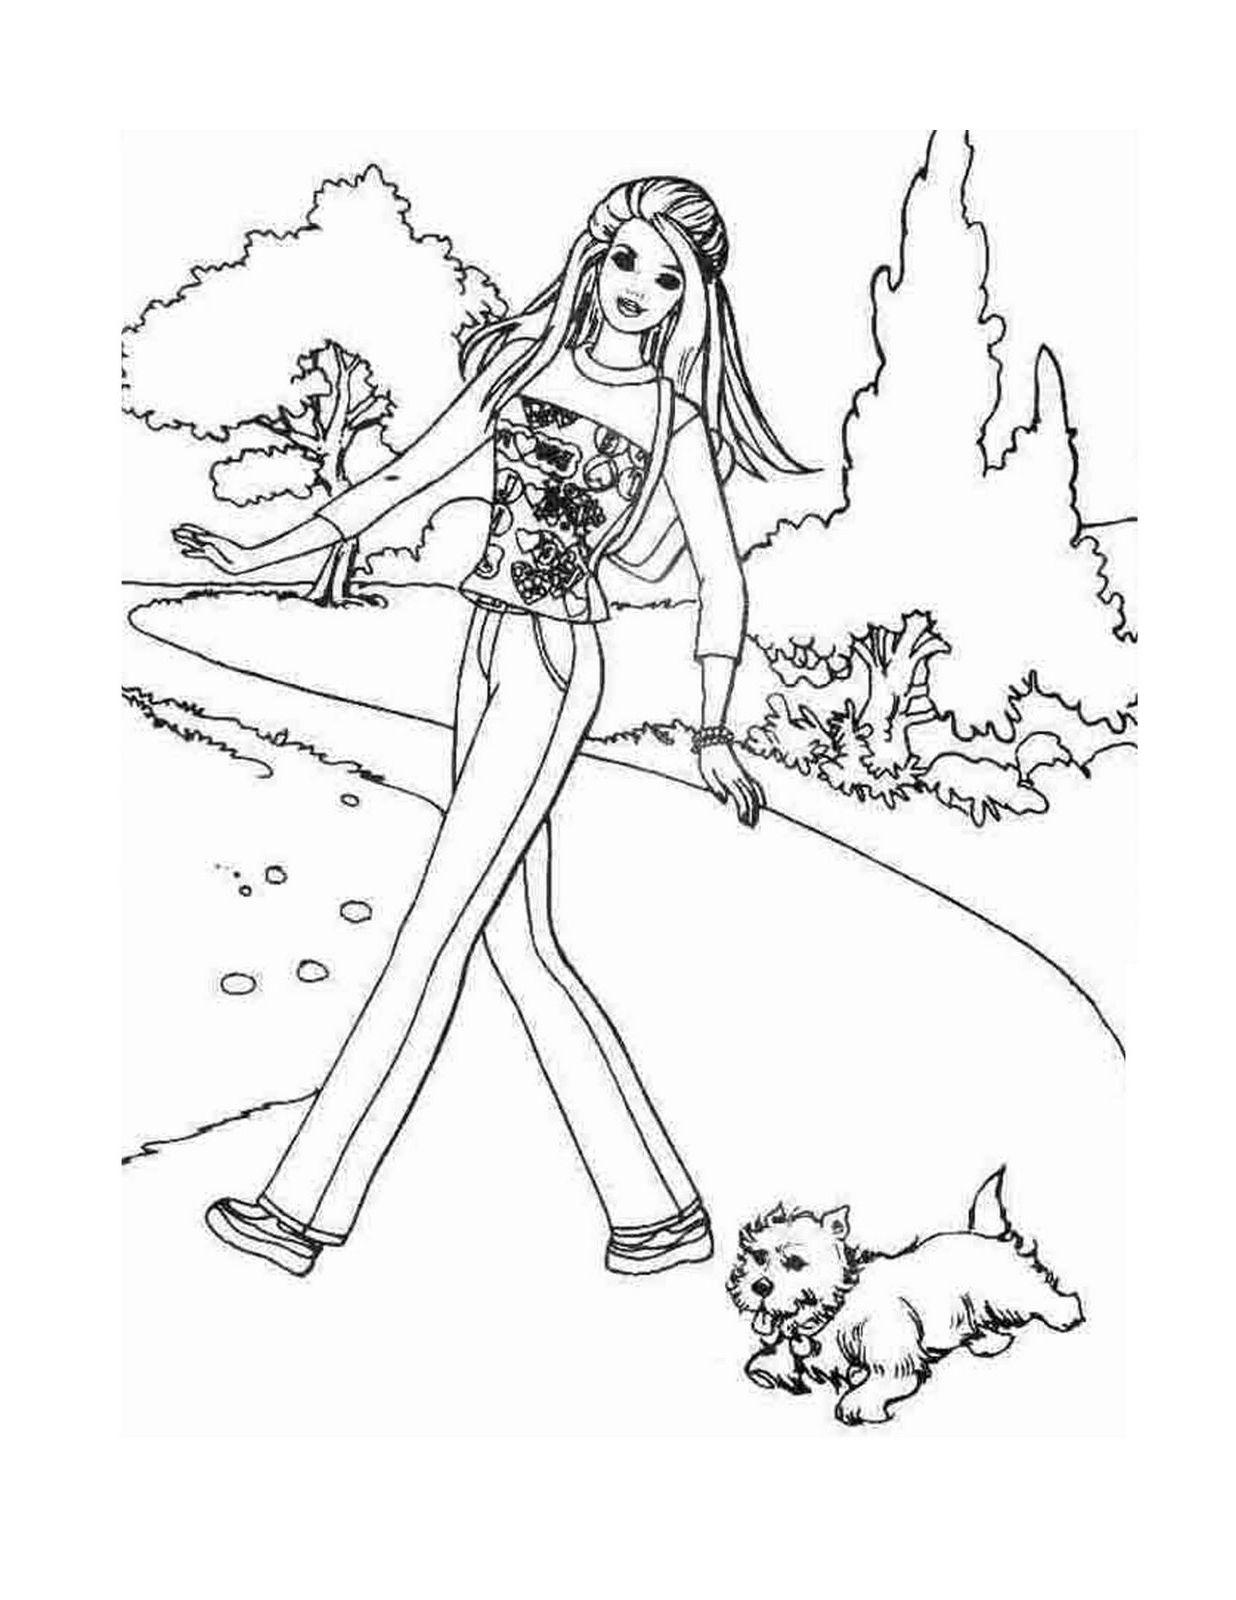 Dla Dziewczyn Kolorowanki Do Wydruku Kolorowanki Barbi Barbie Coloring Barbie Coloring Pages Disney Princess Coloring Pages